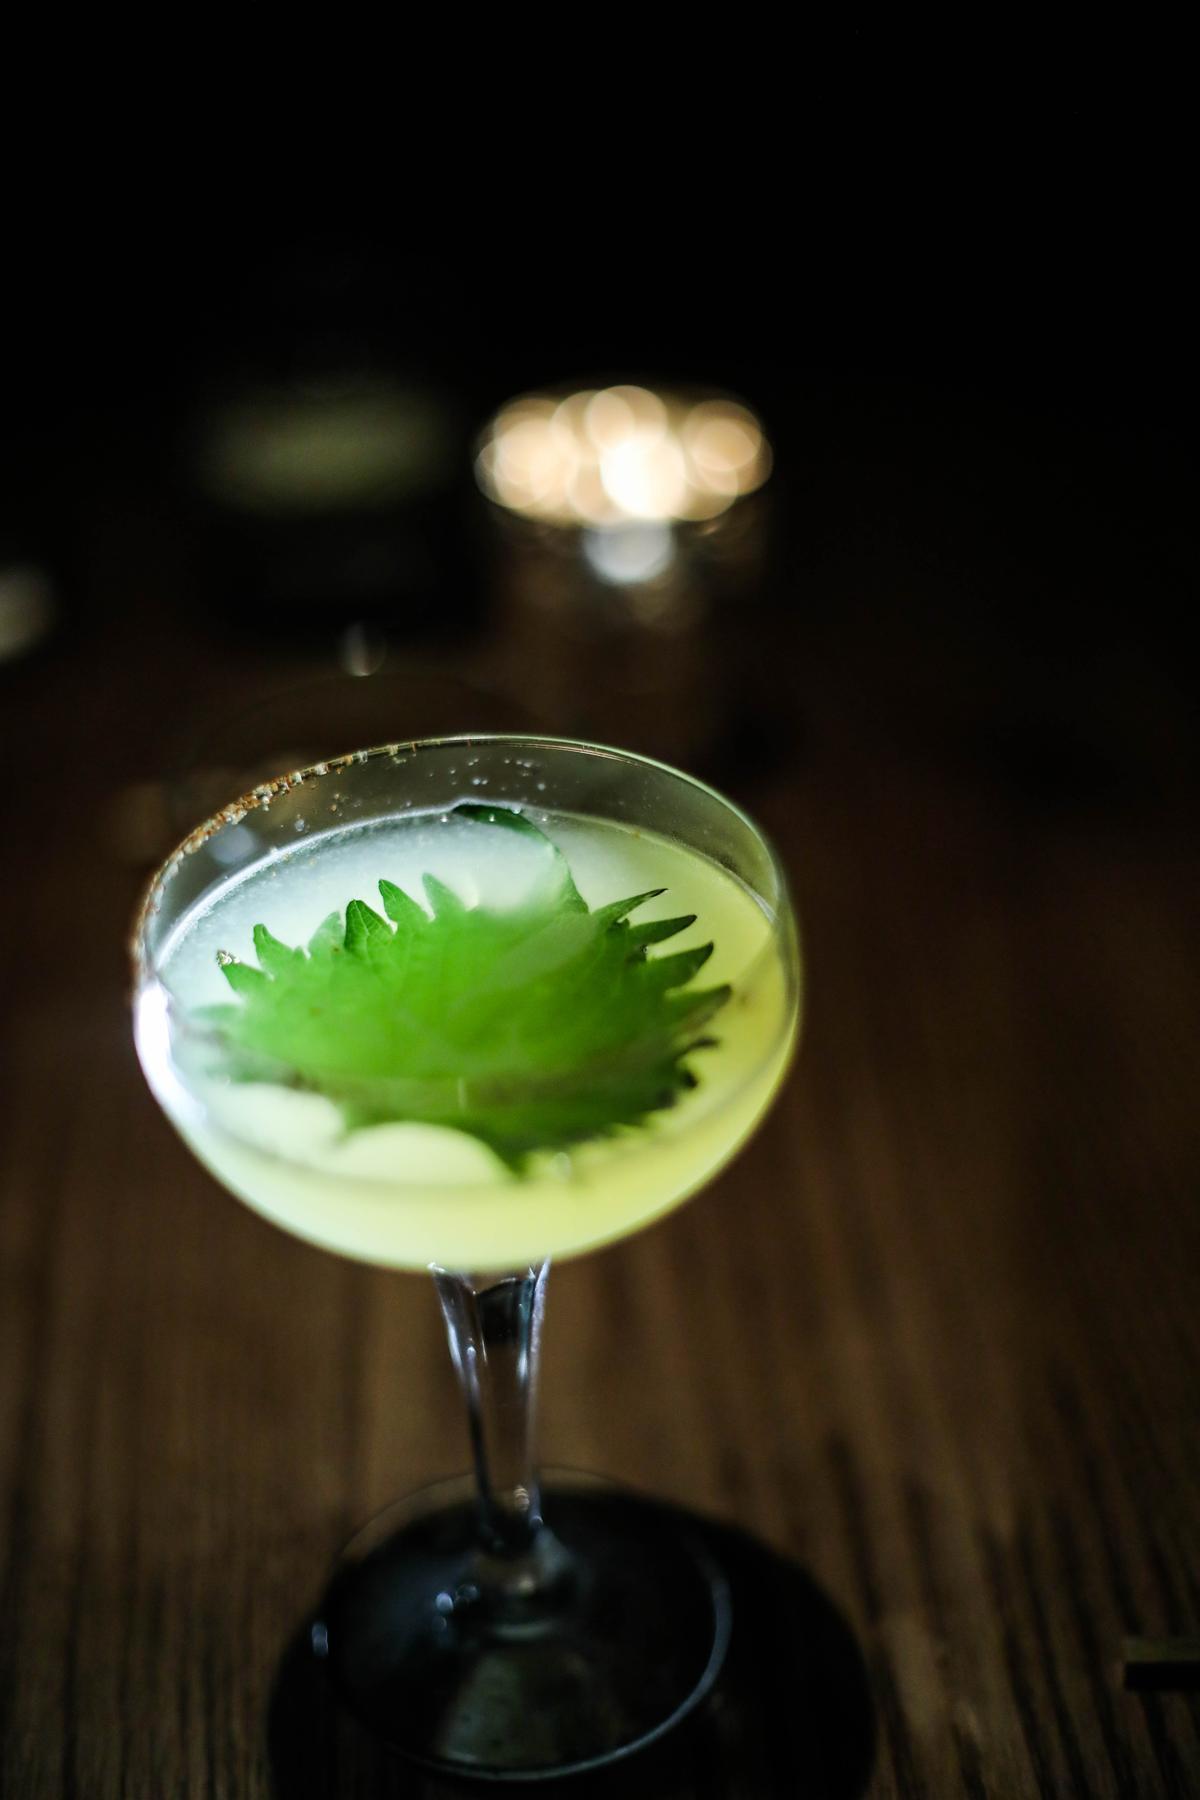 酒如其名,有著說不清、道不明的神秘清香。